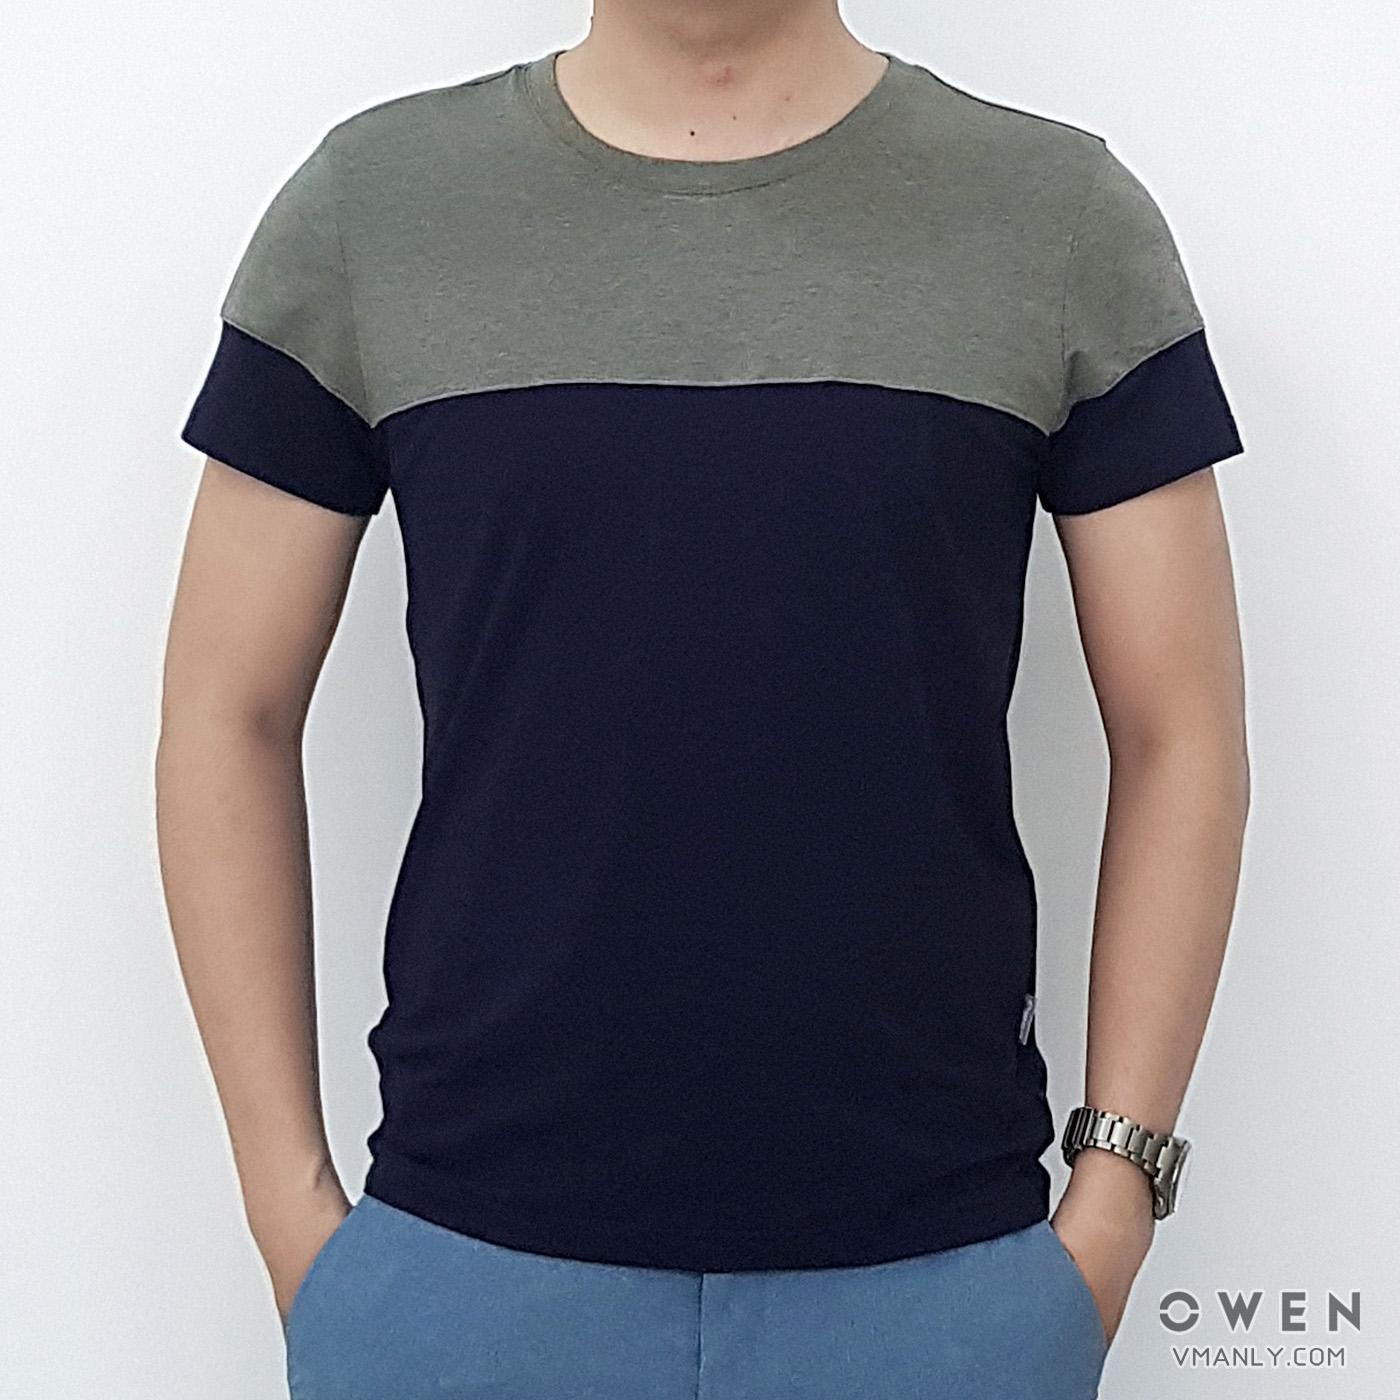 Áo T-shirt nam Owen cổ tròn hai màu xanh, xám TS80284